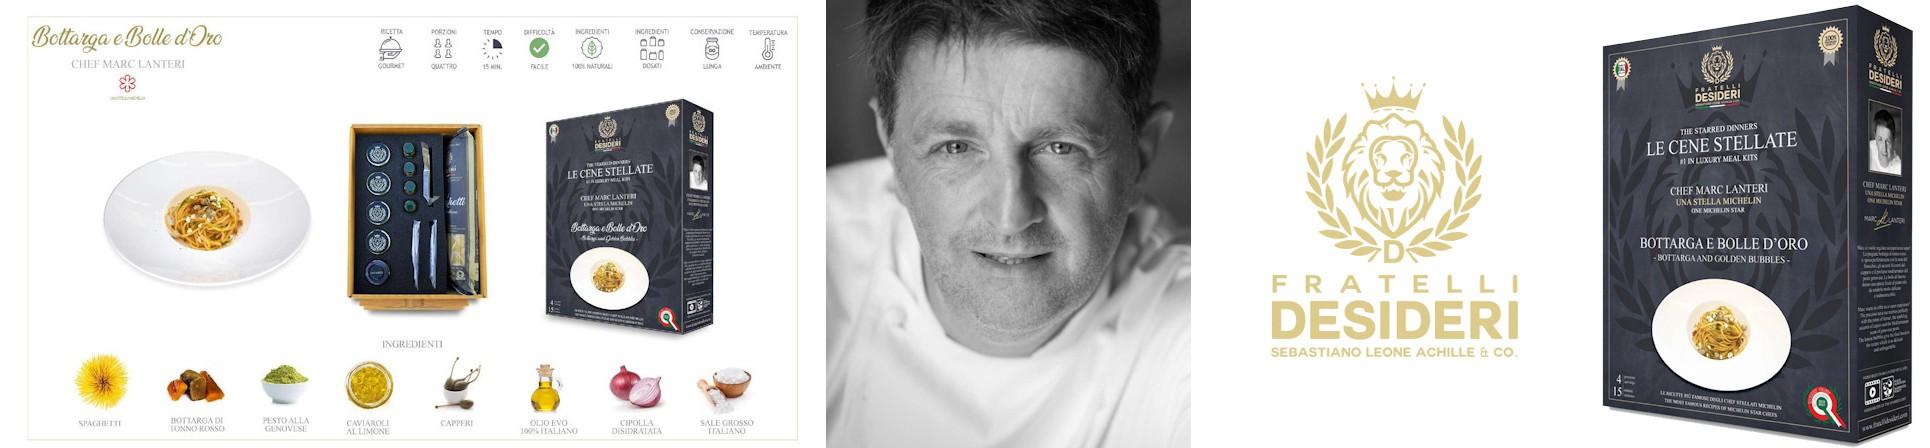 cene stellate vendita online -chef Marc Lanteri 1 stella Michelin